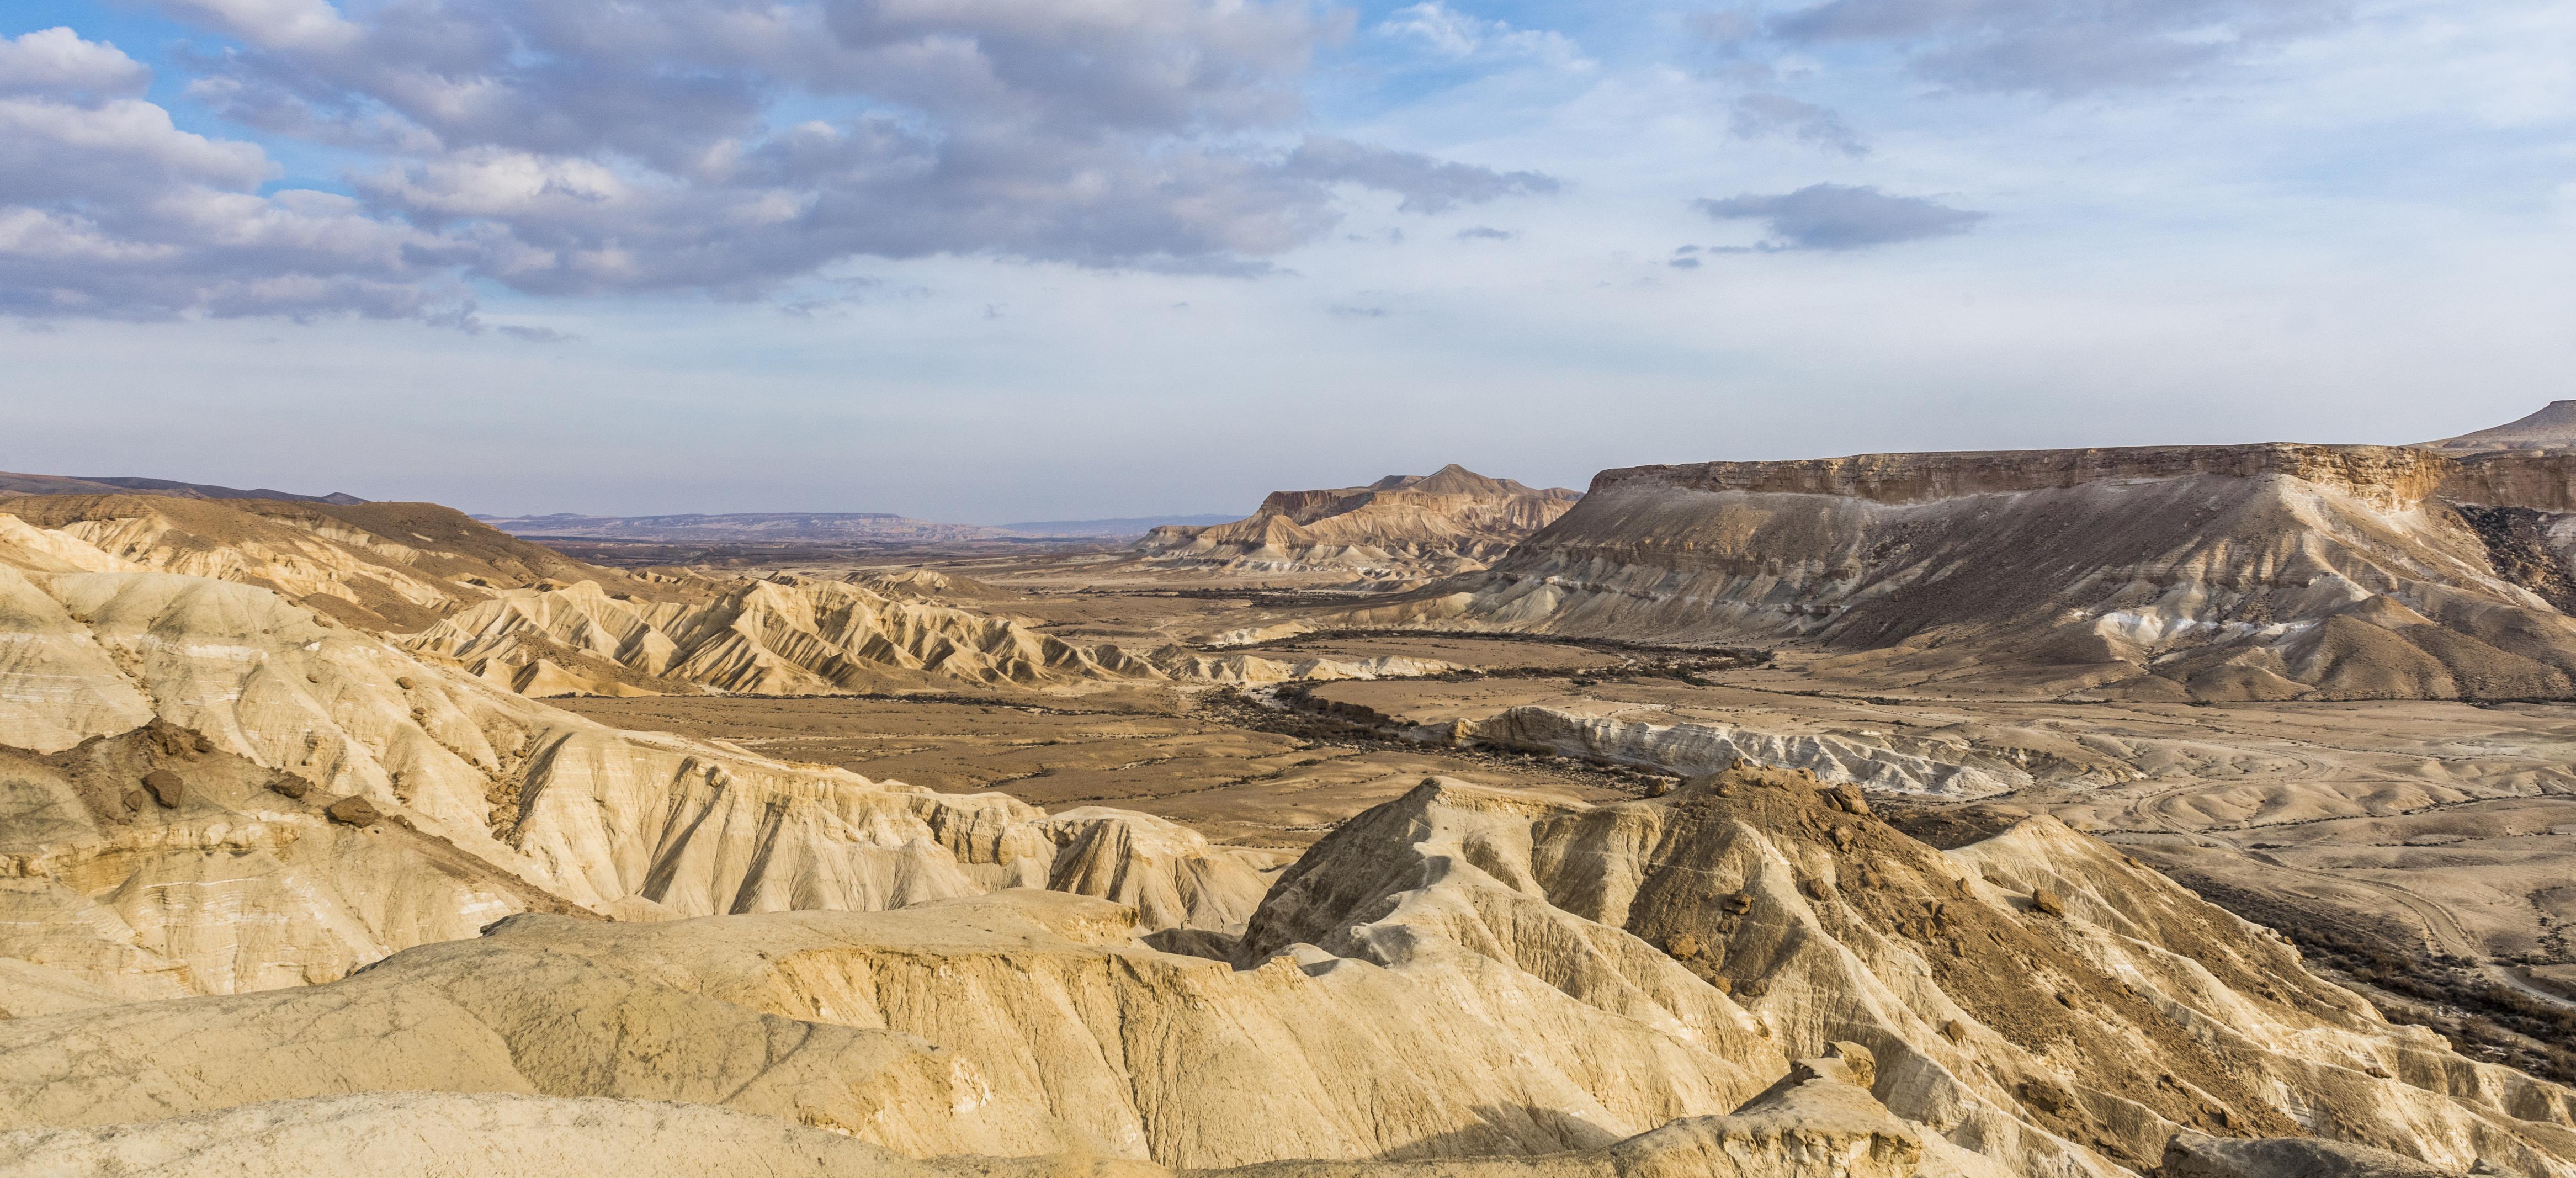 mountain terrain of the Negev Desert